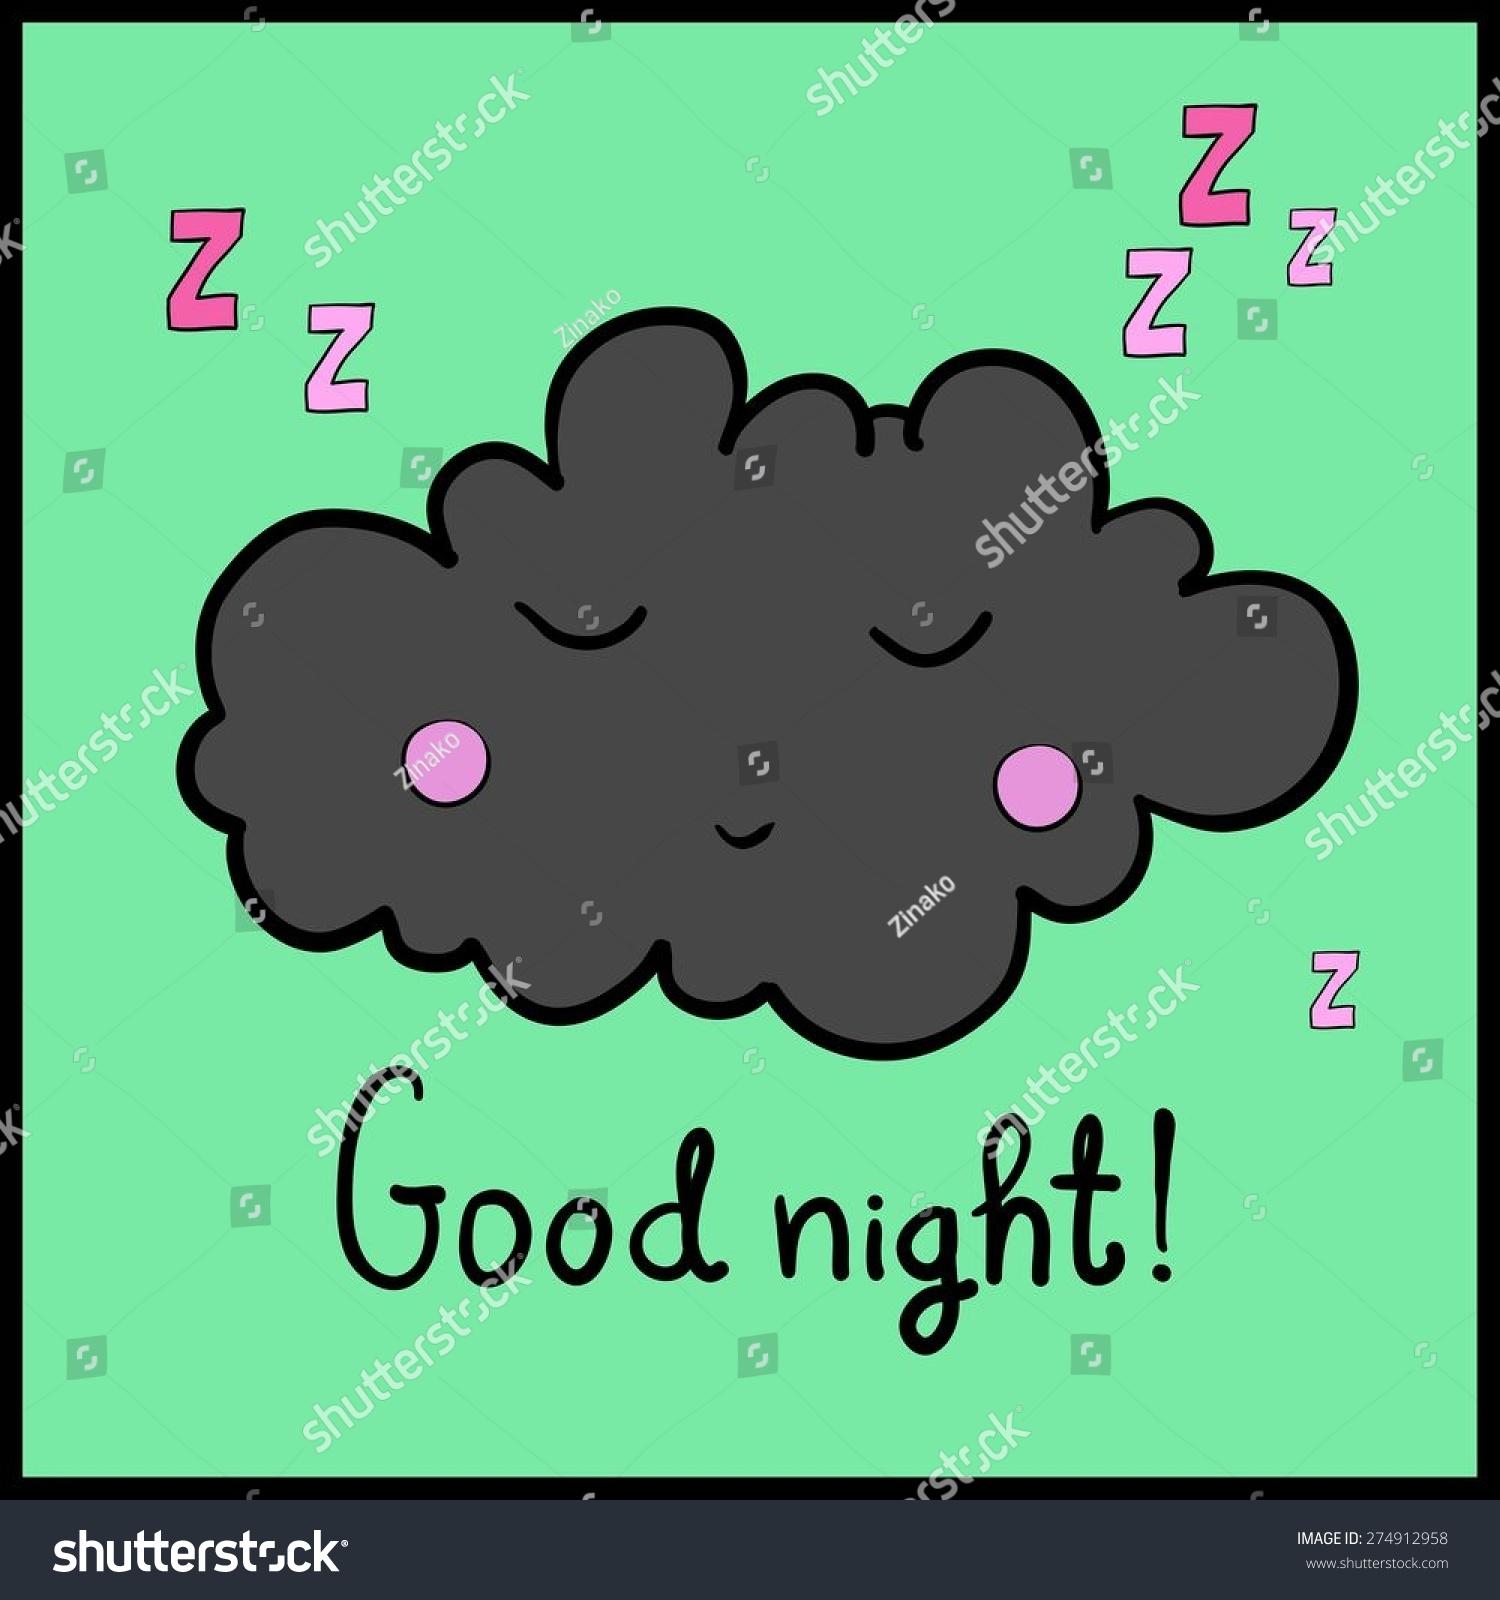 卡通白睡云在绿色背景上.晚安!黑色的框架.矢量插图